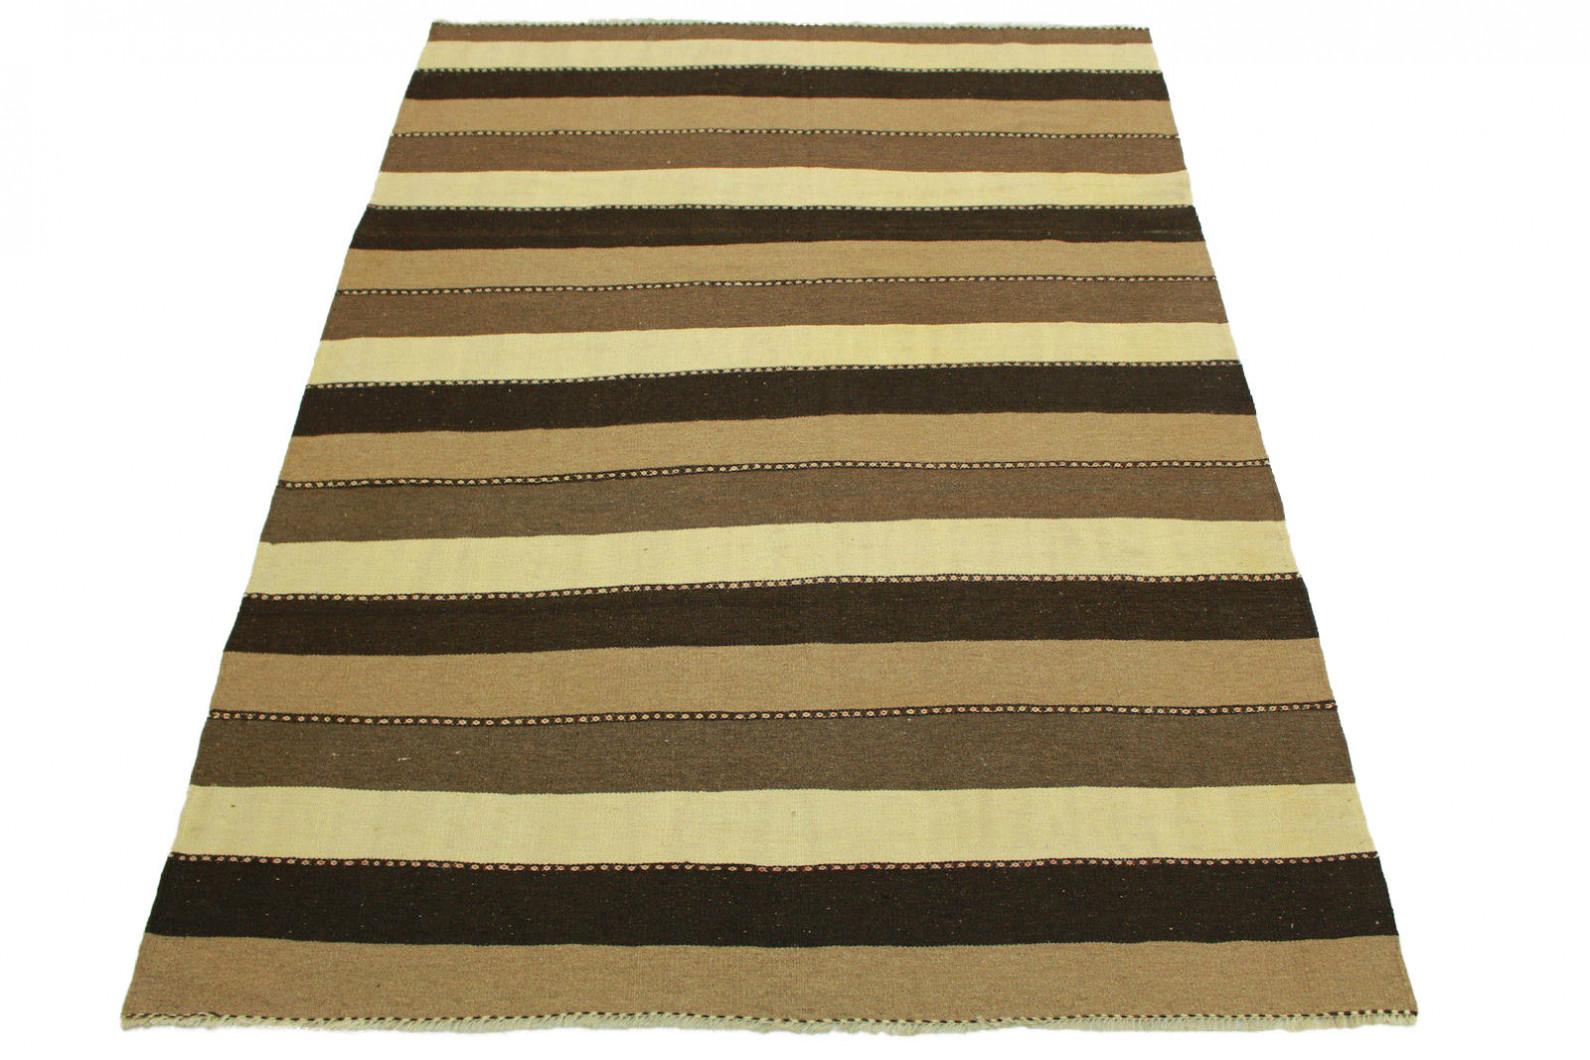 kelim teppich braun beige in 250x180cm 1001 5014 bei. Black Bedroom Furniture Sets. Home Design Ideas